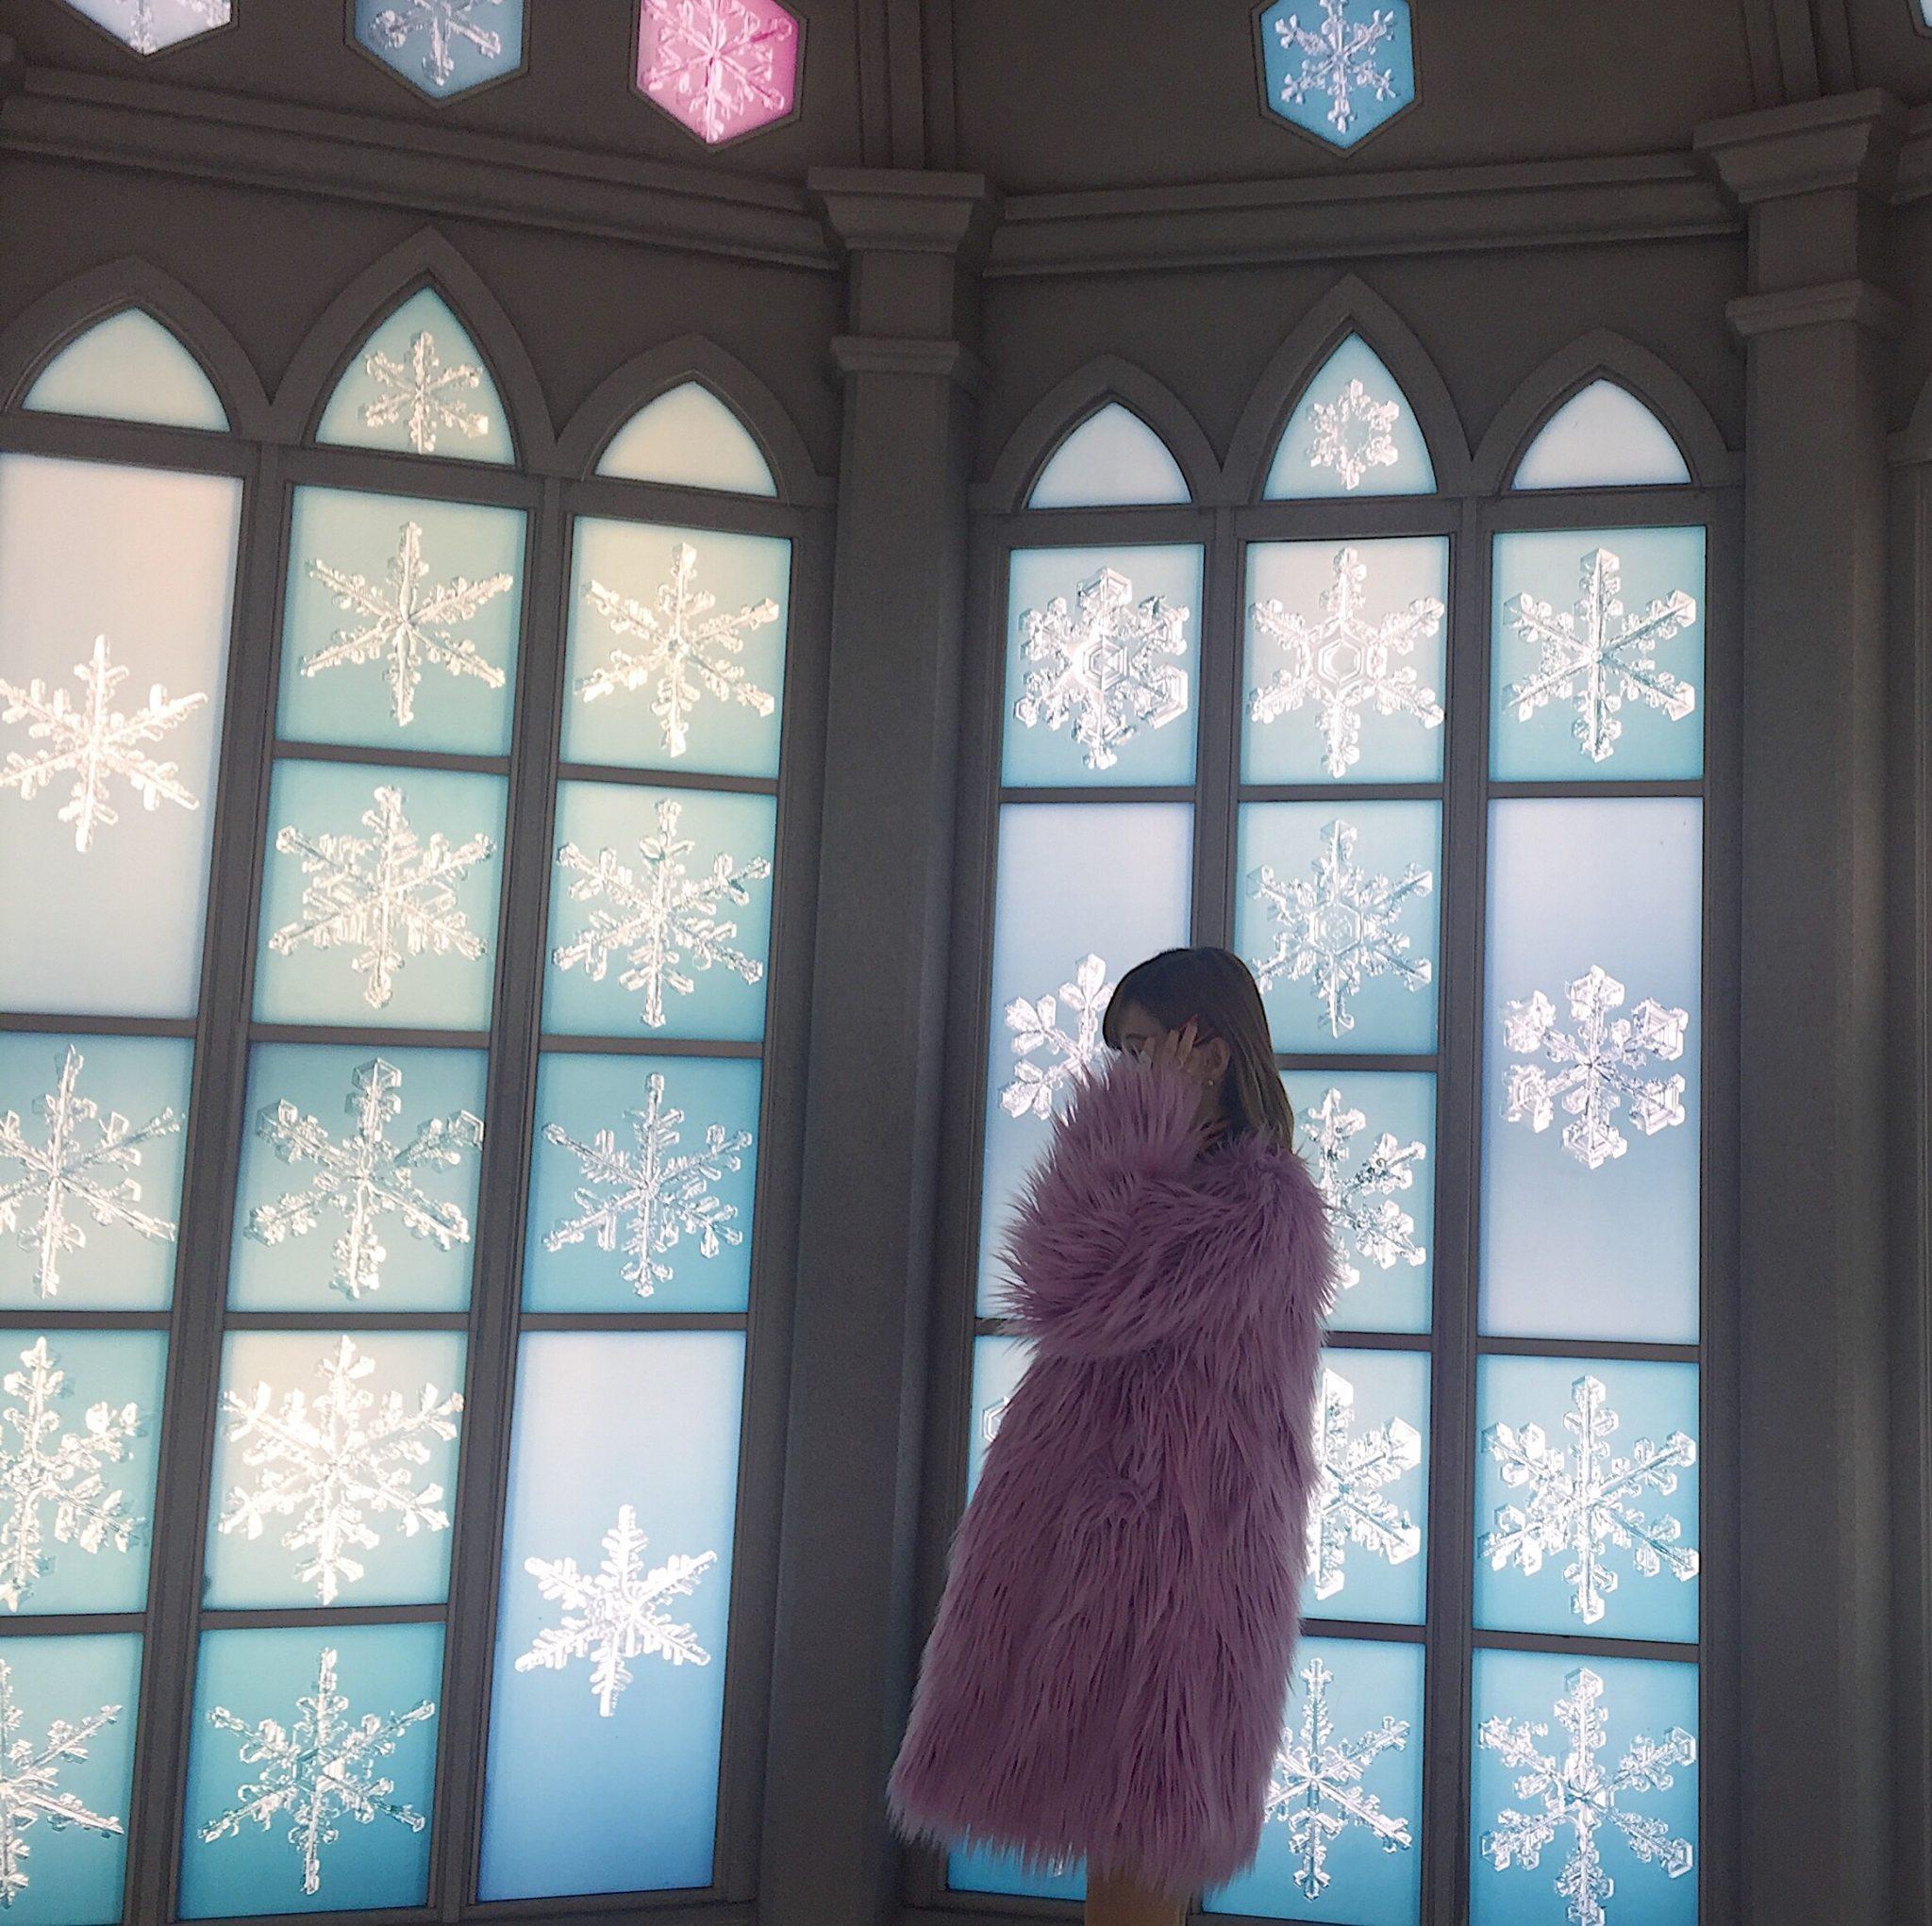 北海道にある雪の美術館♪ #北海道 #雪の美術館